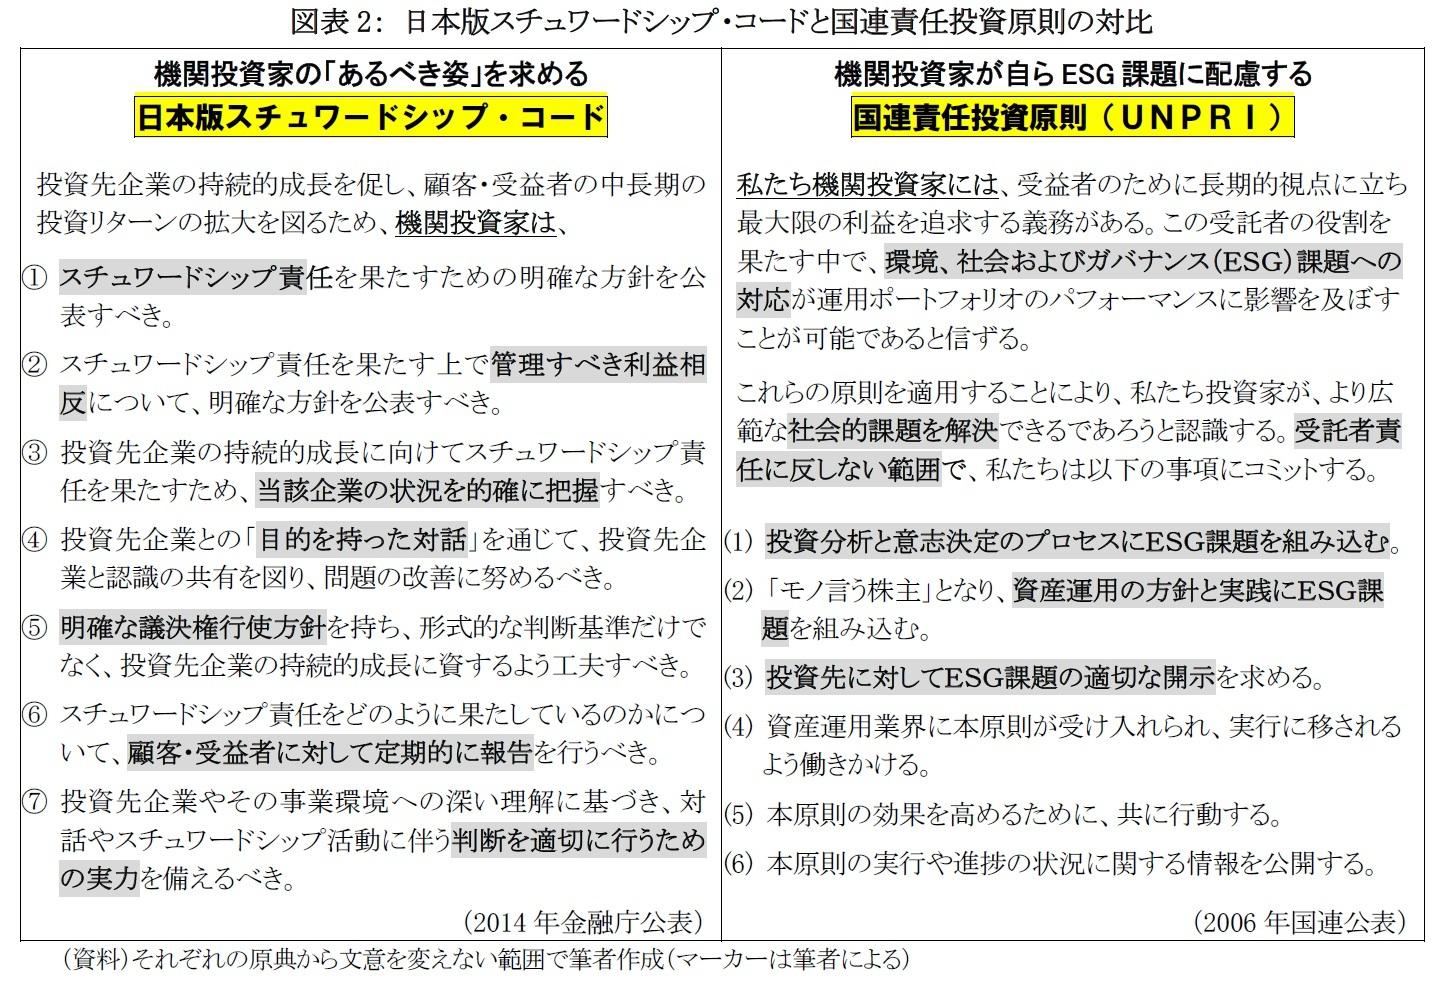 図表2: 日本版スチュワードシップ・コードと国連責任投資原則の対比